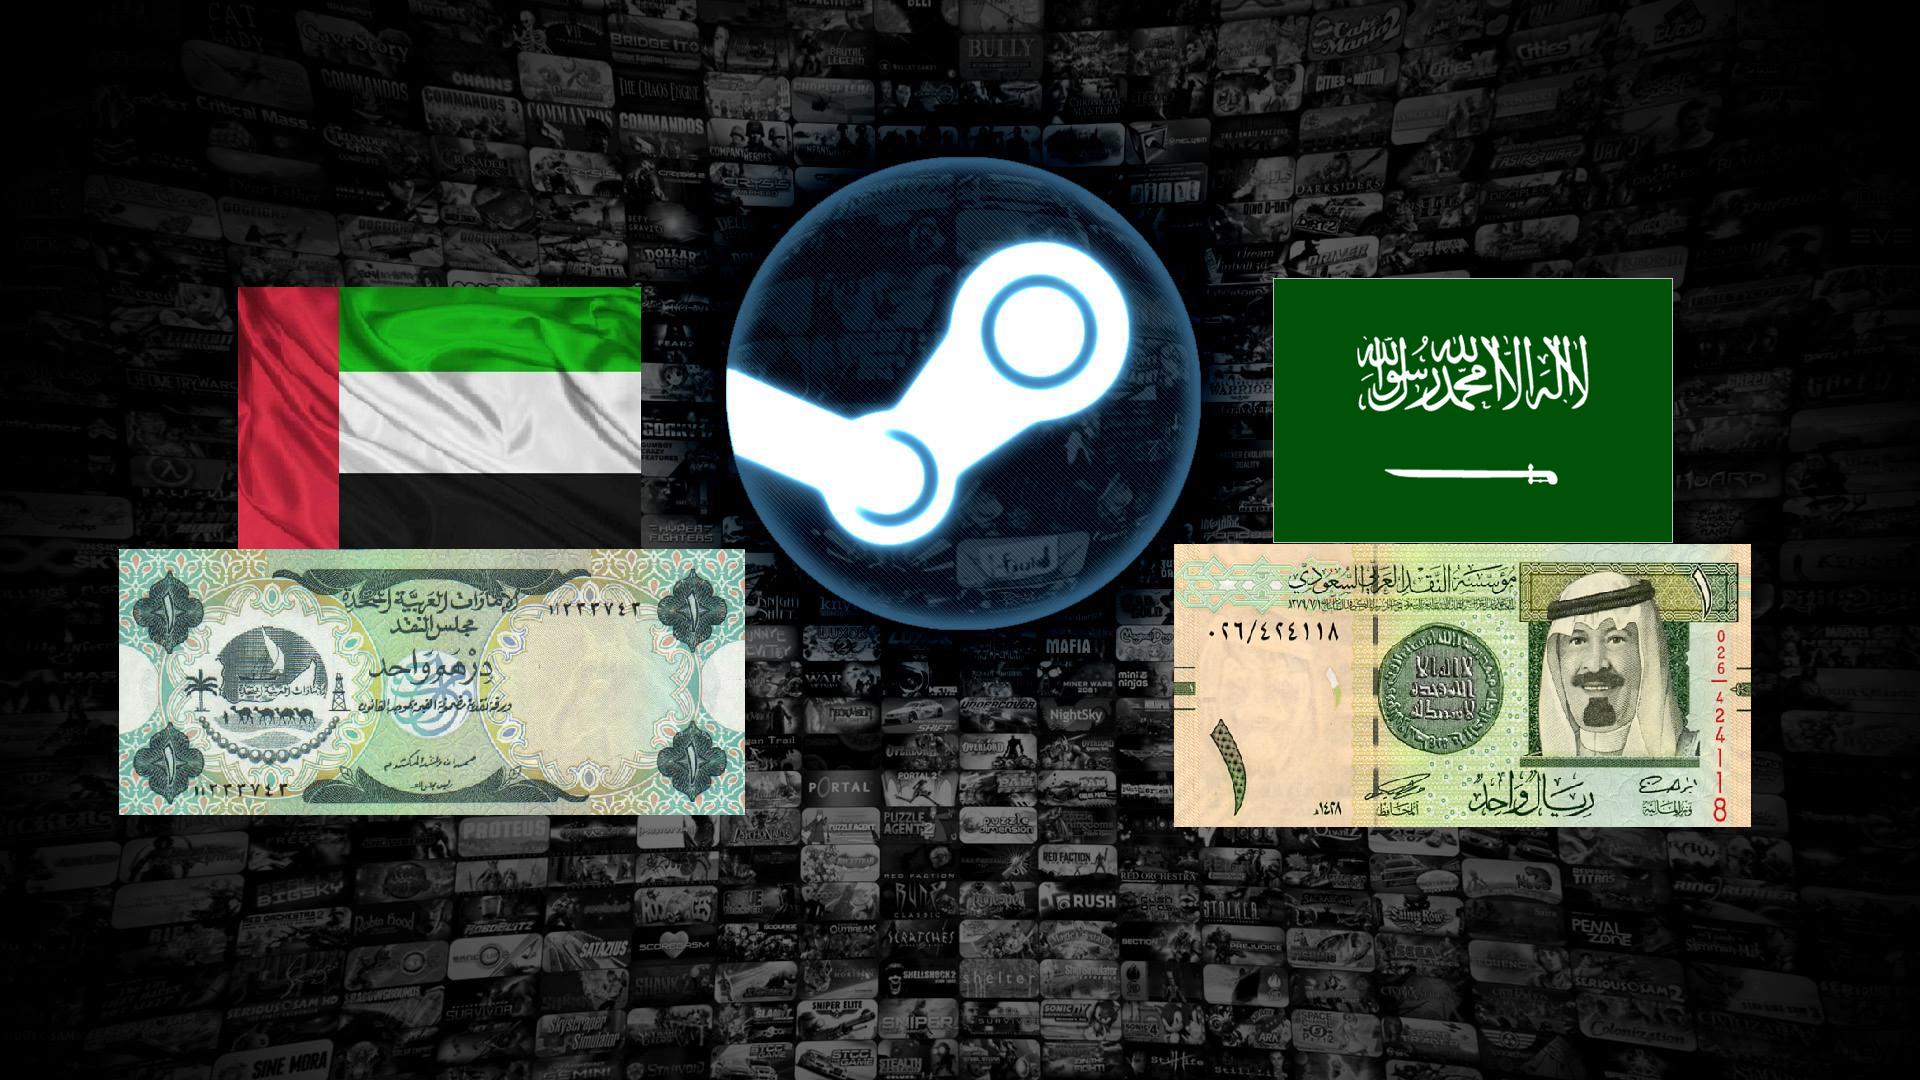 رسمياً متجر Steam يدعم عملة الريال السعودي والدرهم الإماراتي